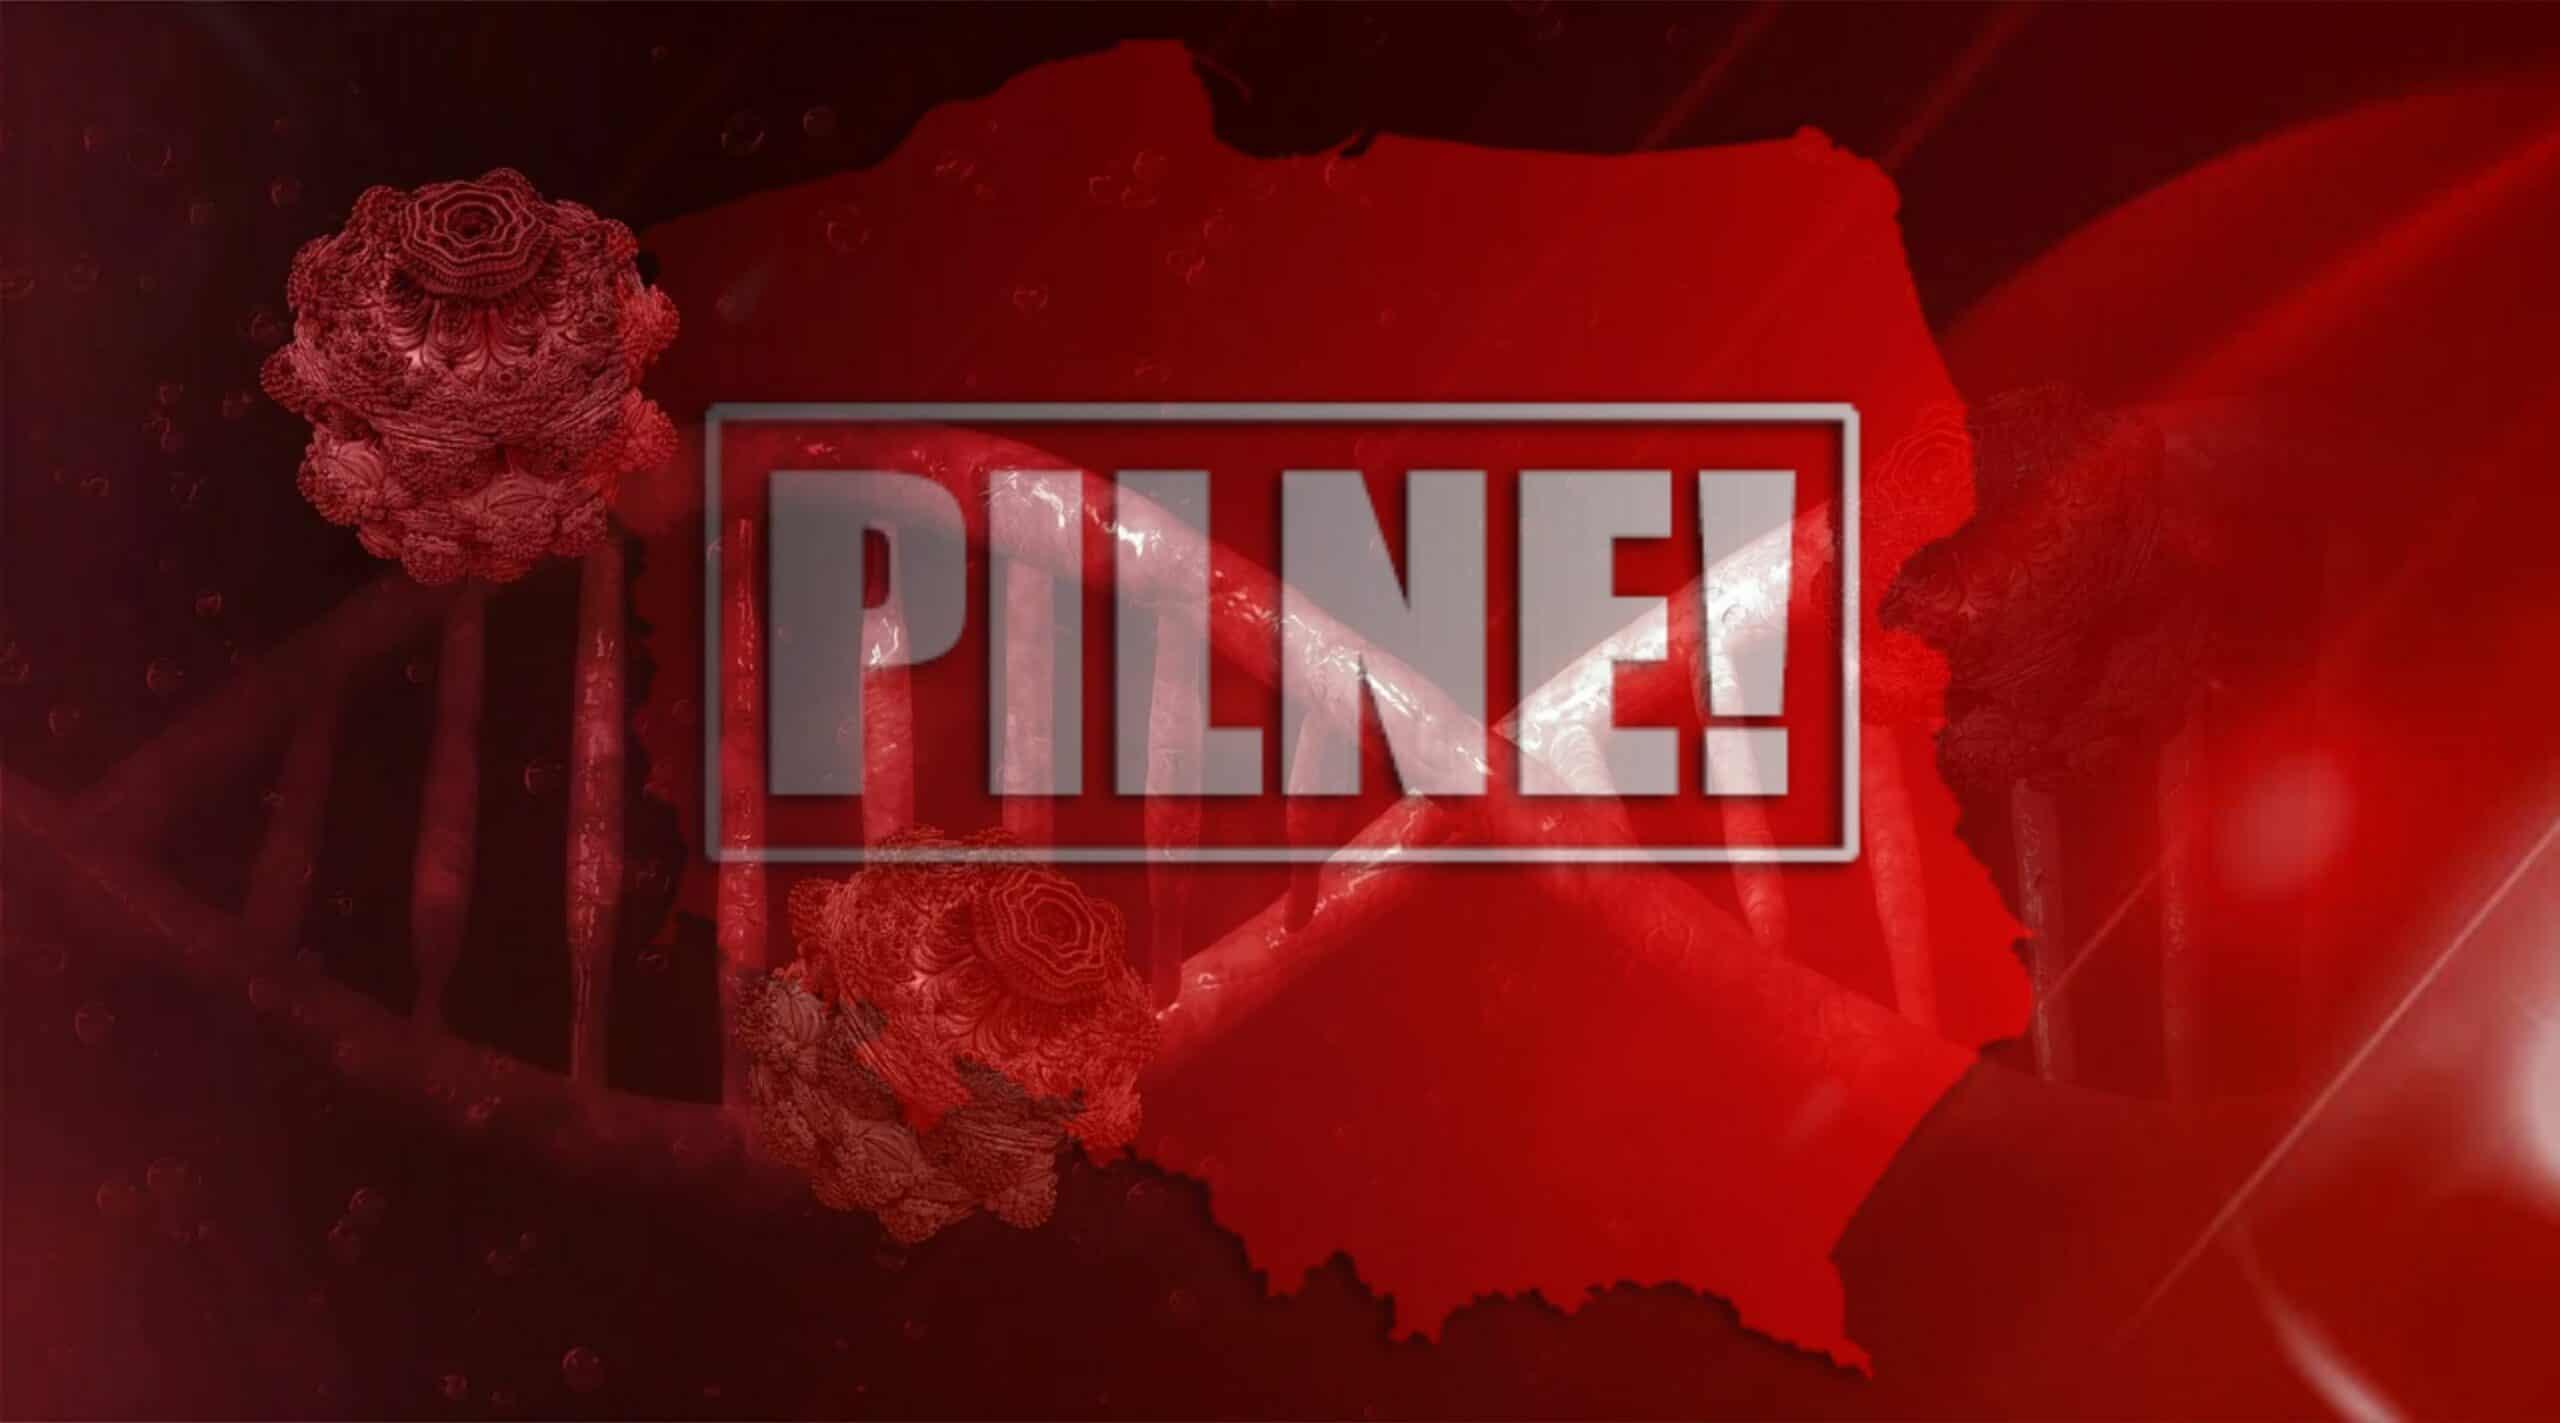 Wiadomość z ostatniej chwili, to już 5 ofiara koronawirusa w Polsce. Sytuacja się zaognia, wirus zaczyna się rozprzestrzeniać w naszym kraju.